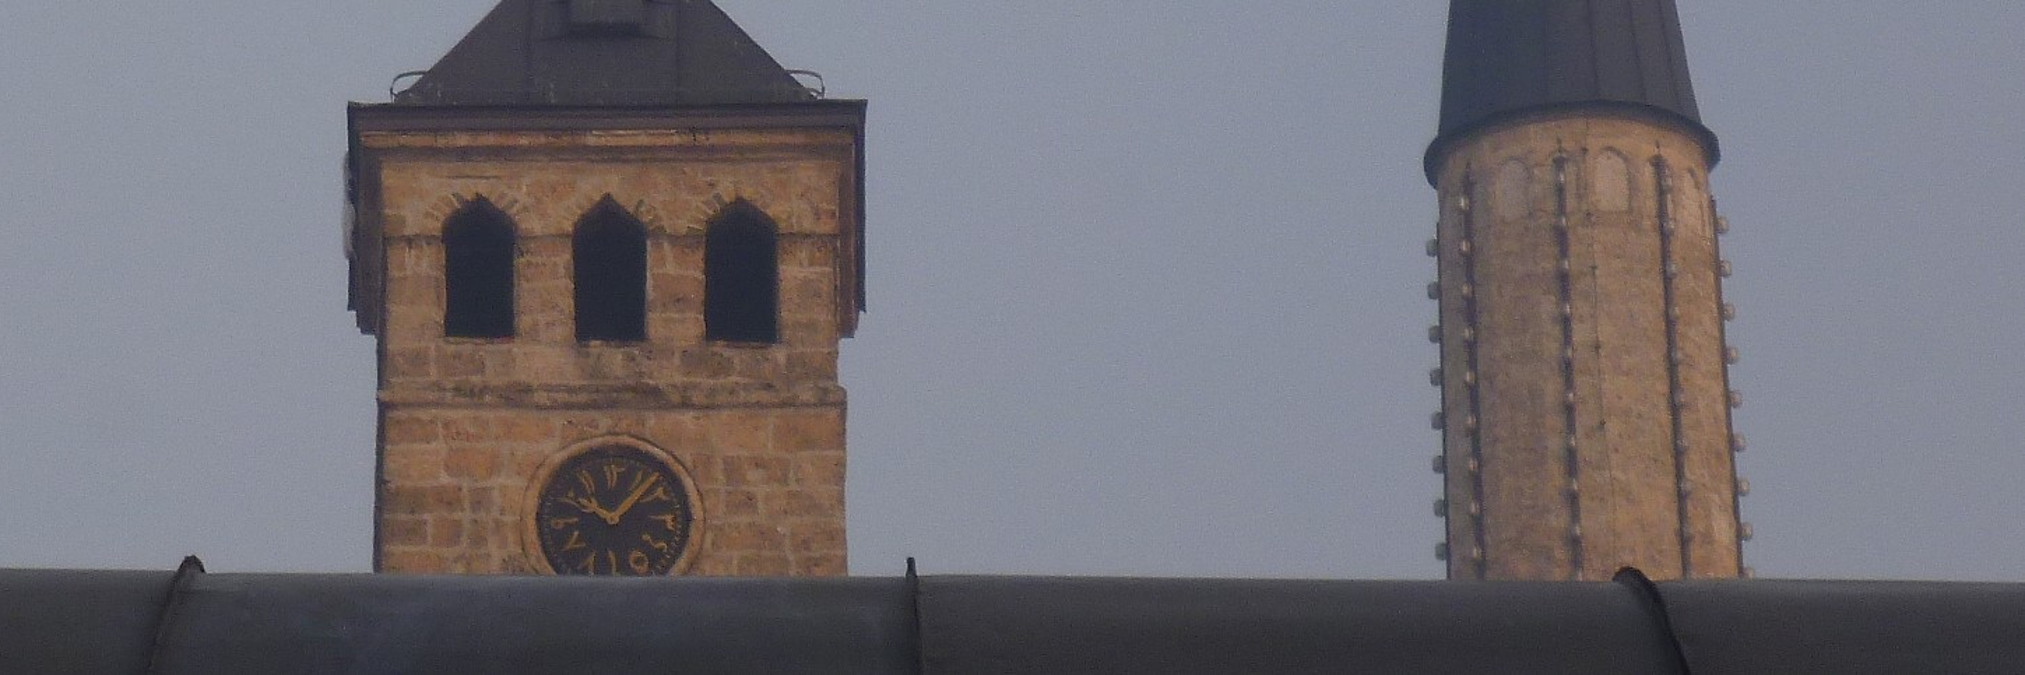 Часовая башня в Сараеве